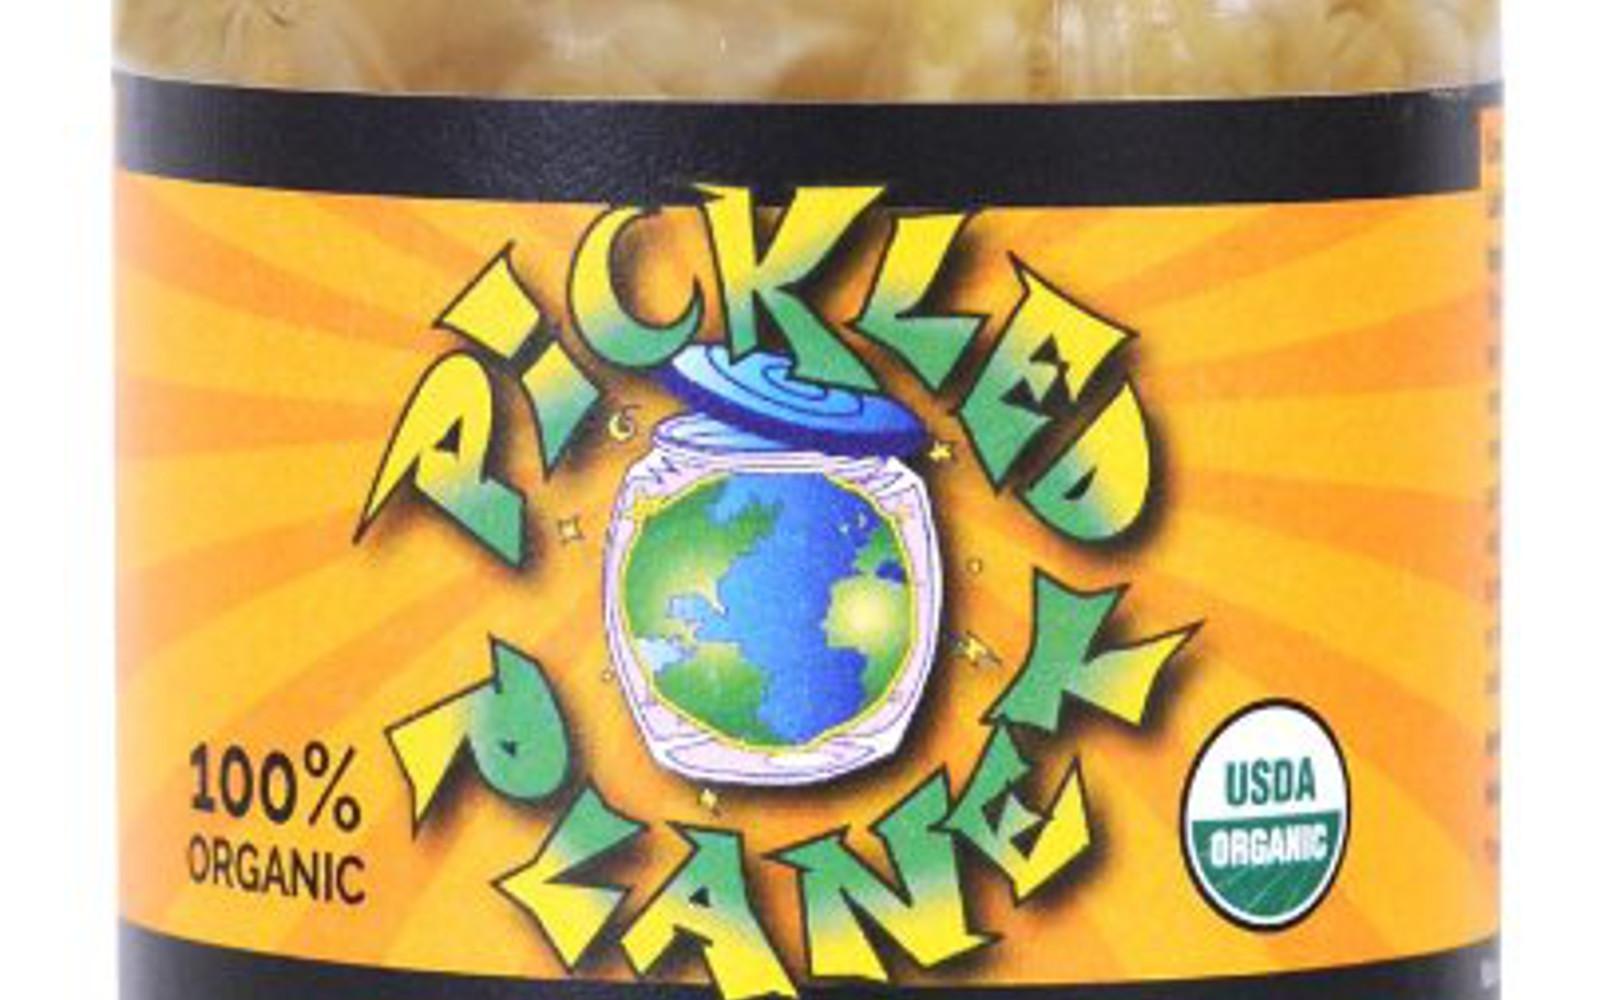 Pickled Planet Sauerkraut